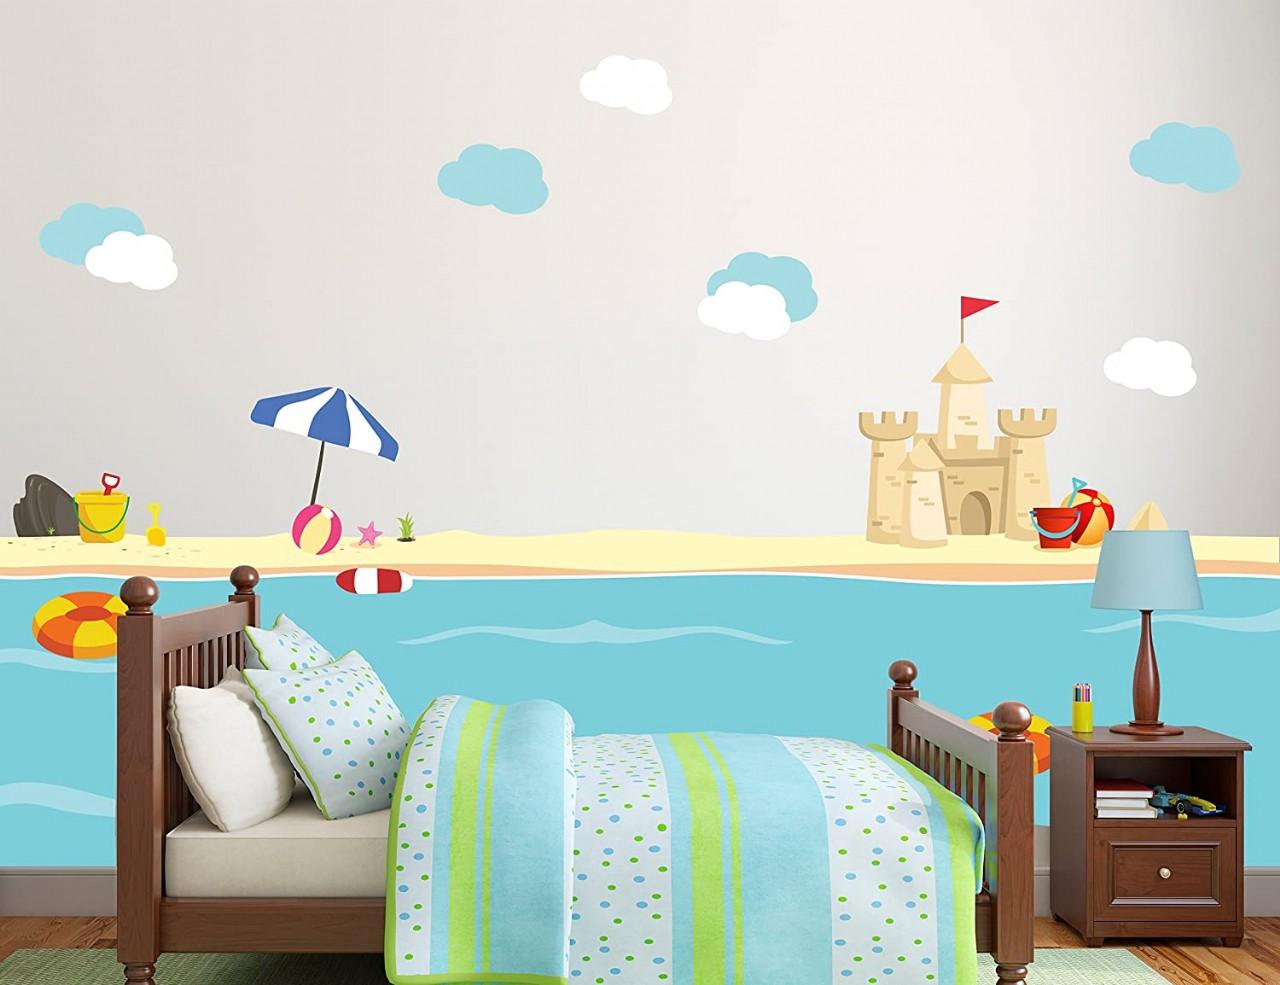 New Sea World Beach with Sand Castle Kids Room Decor Vinyl Theme Wall Decal Art - Boy Girl Unisex